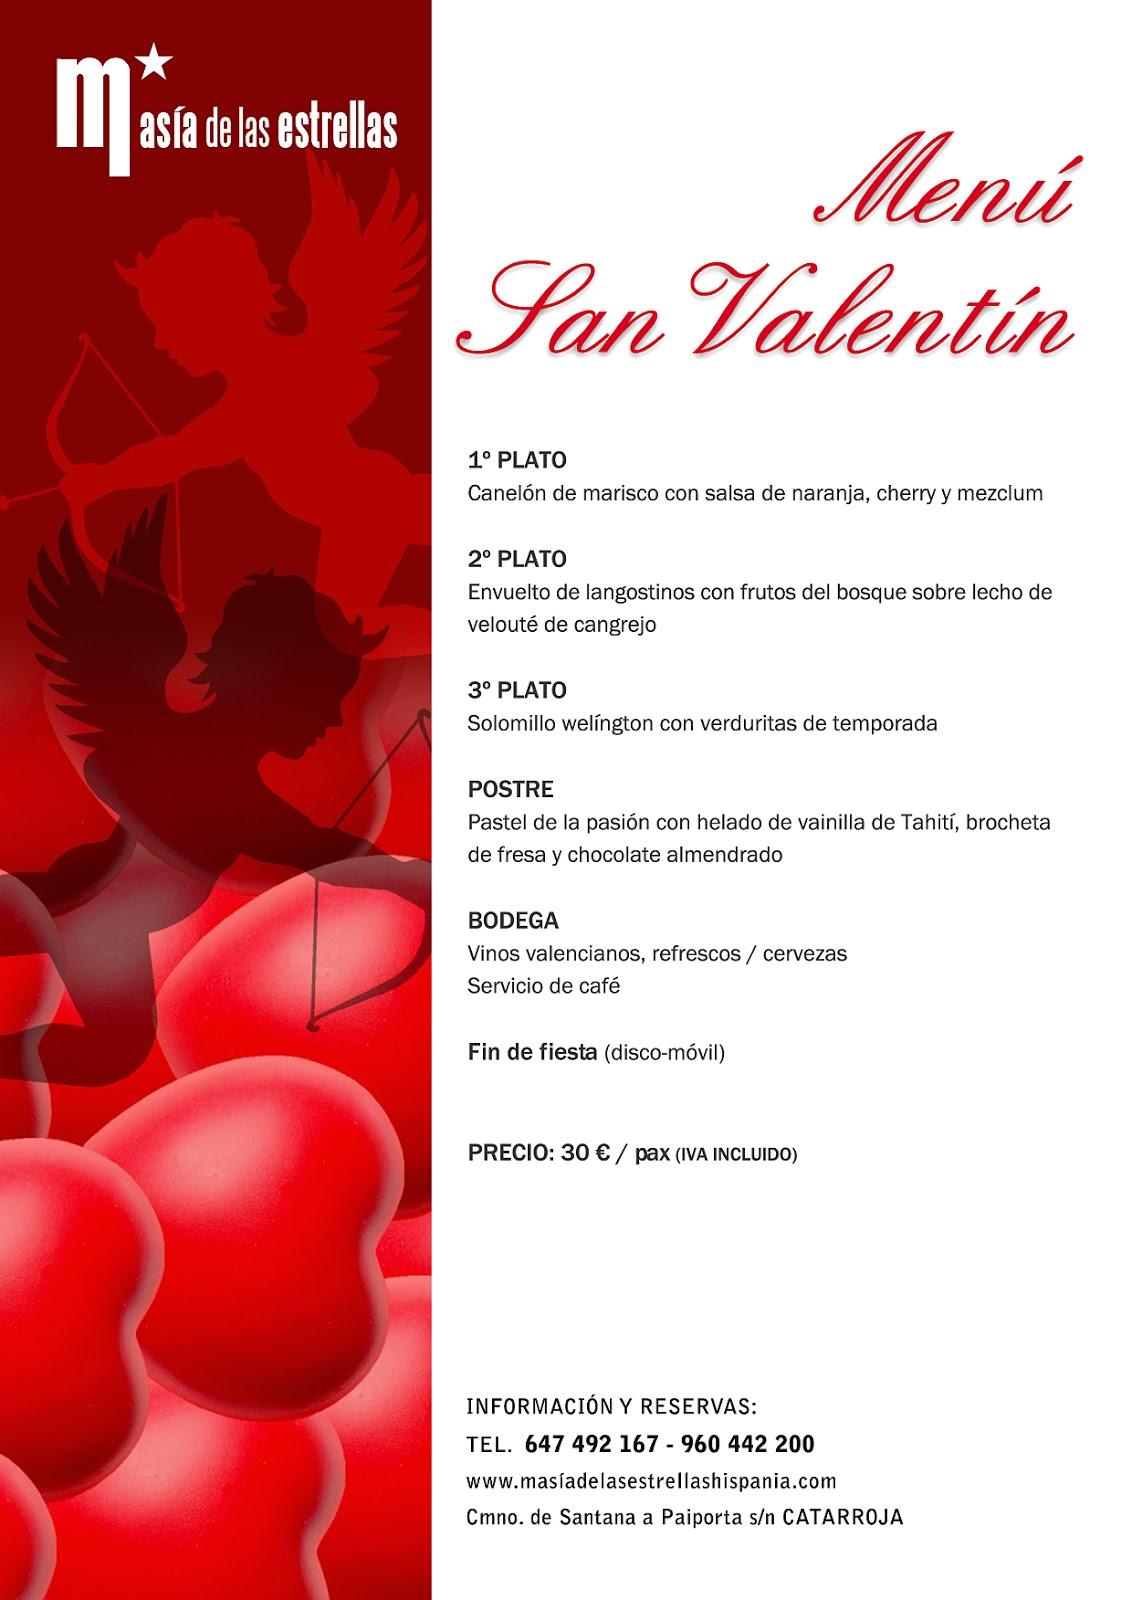 Gastronomia Hispania: Menú San Valentín 2013 en Masía de las Estrellas